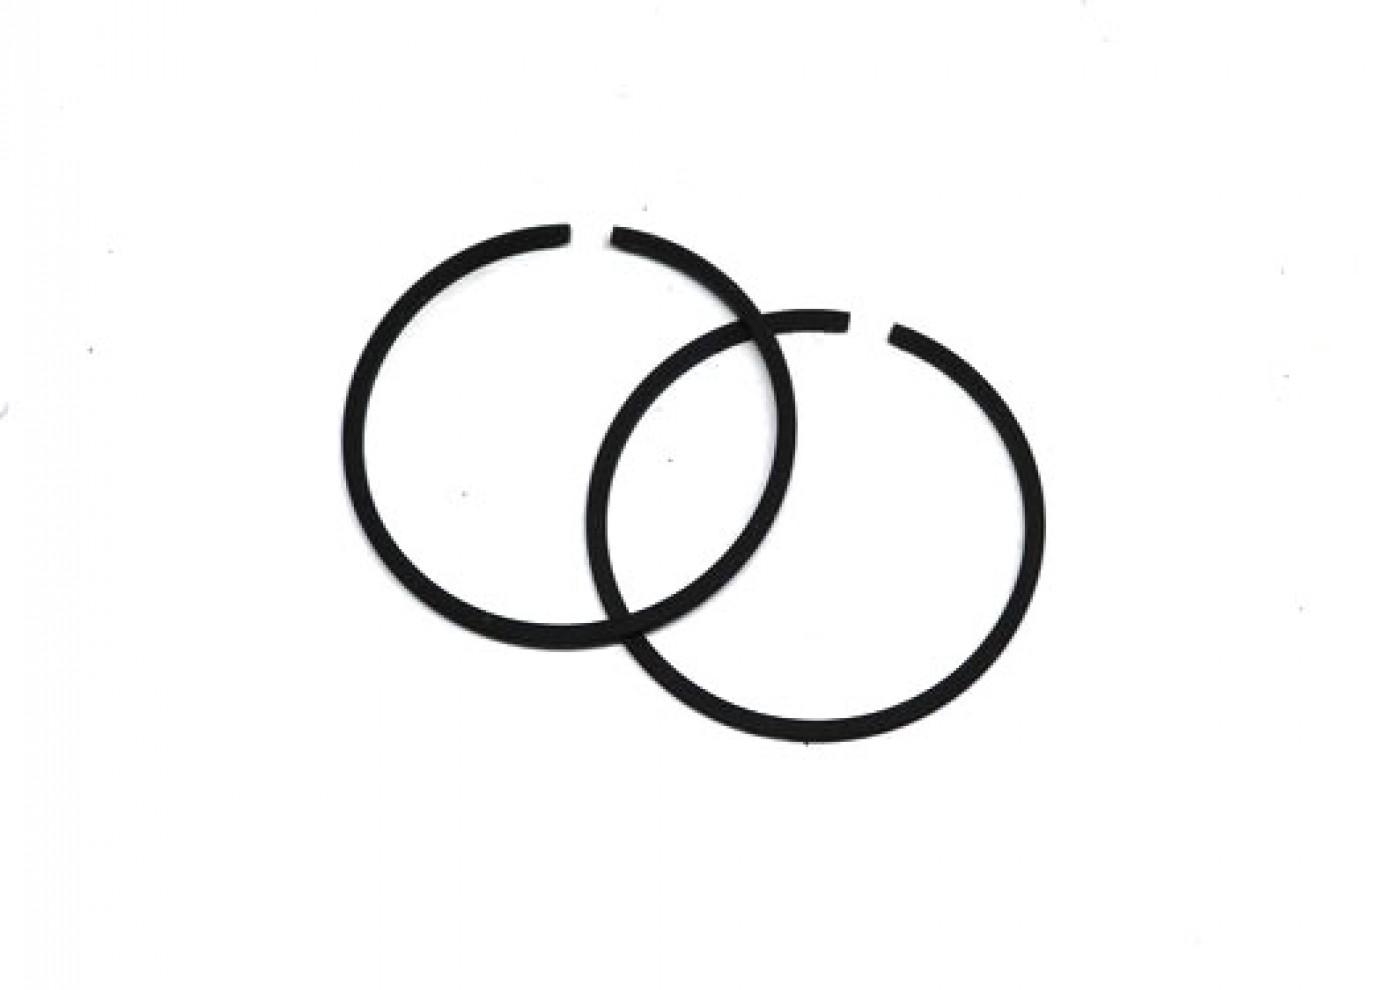 Sada pístních kroužků Stihl 46 mm x 1,2 mm